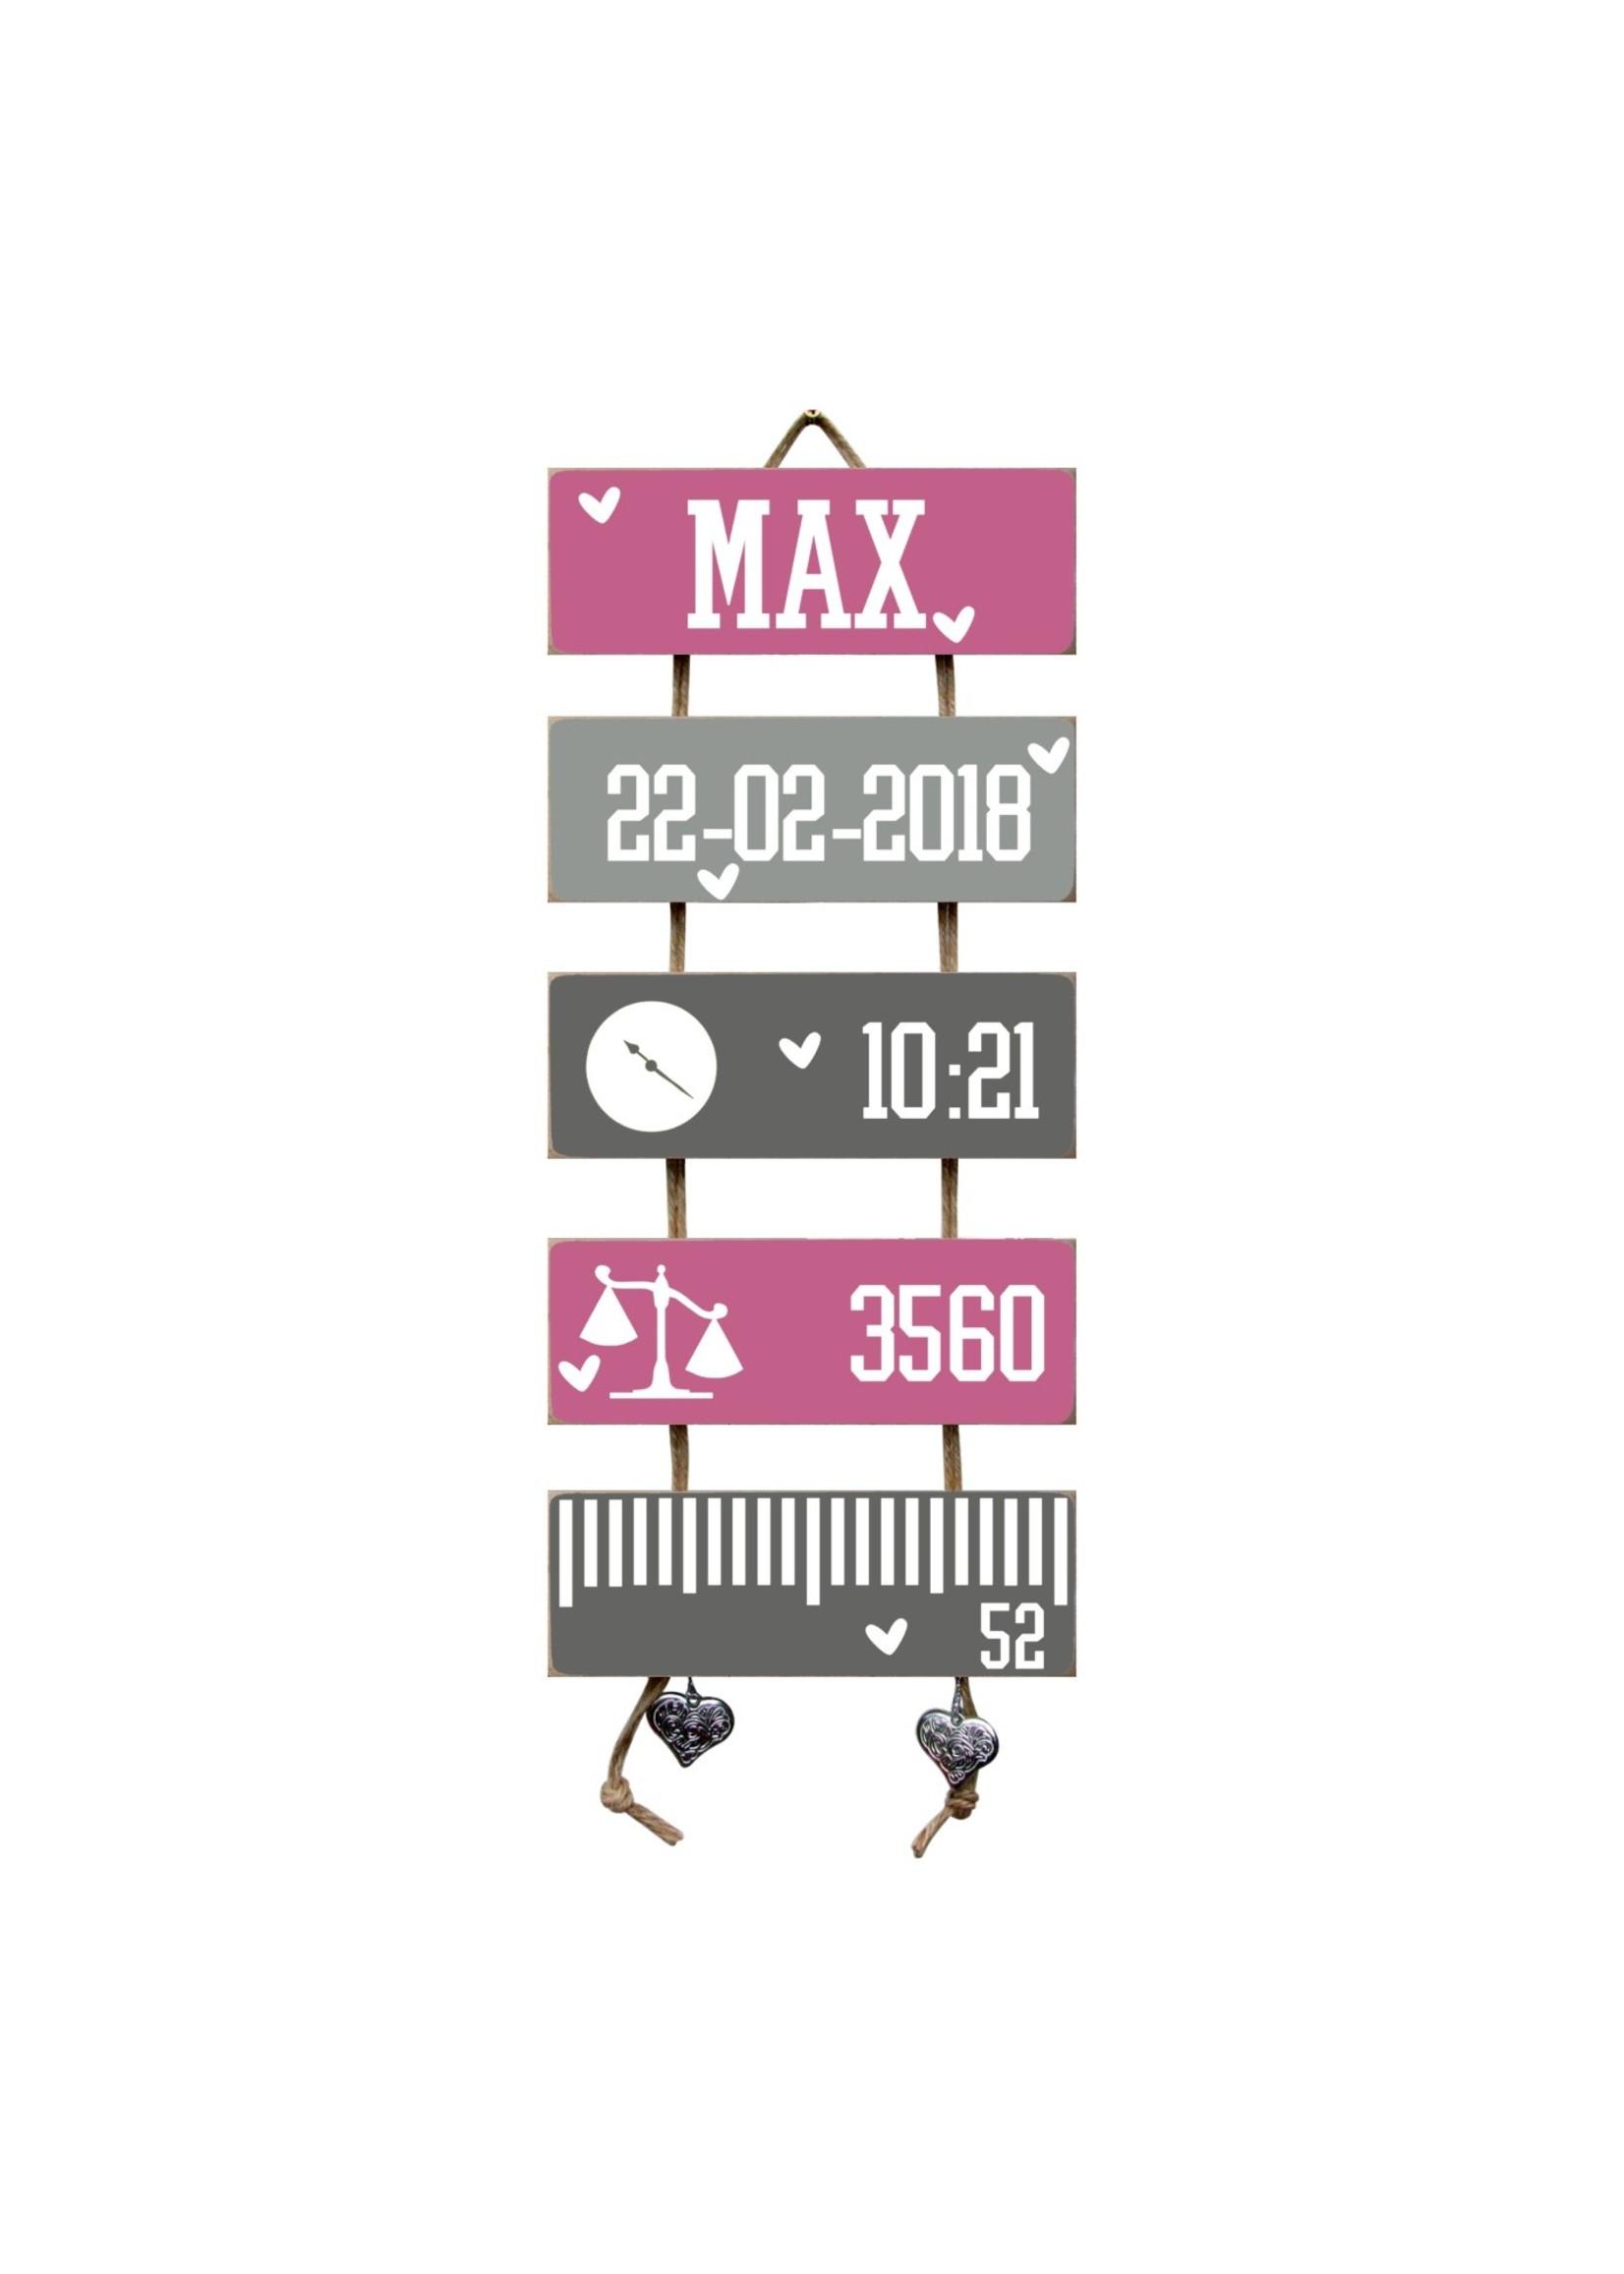 Kraamcadeau Geboorteladder Max donkerroze/grijs